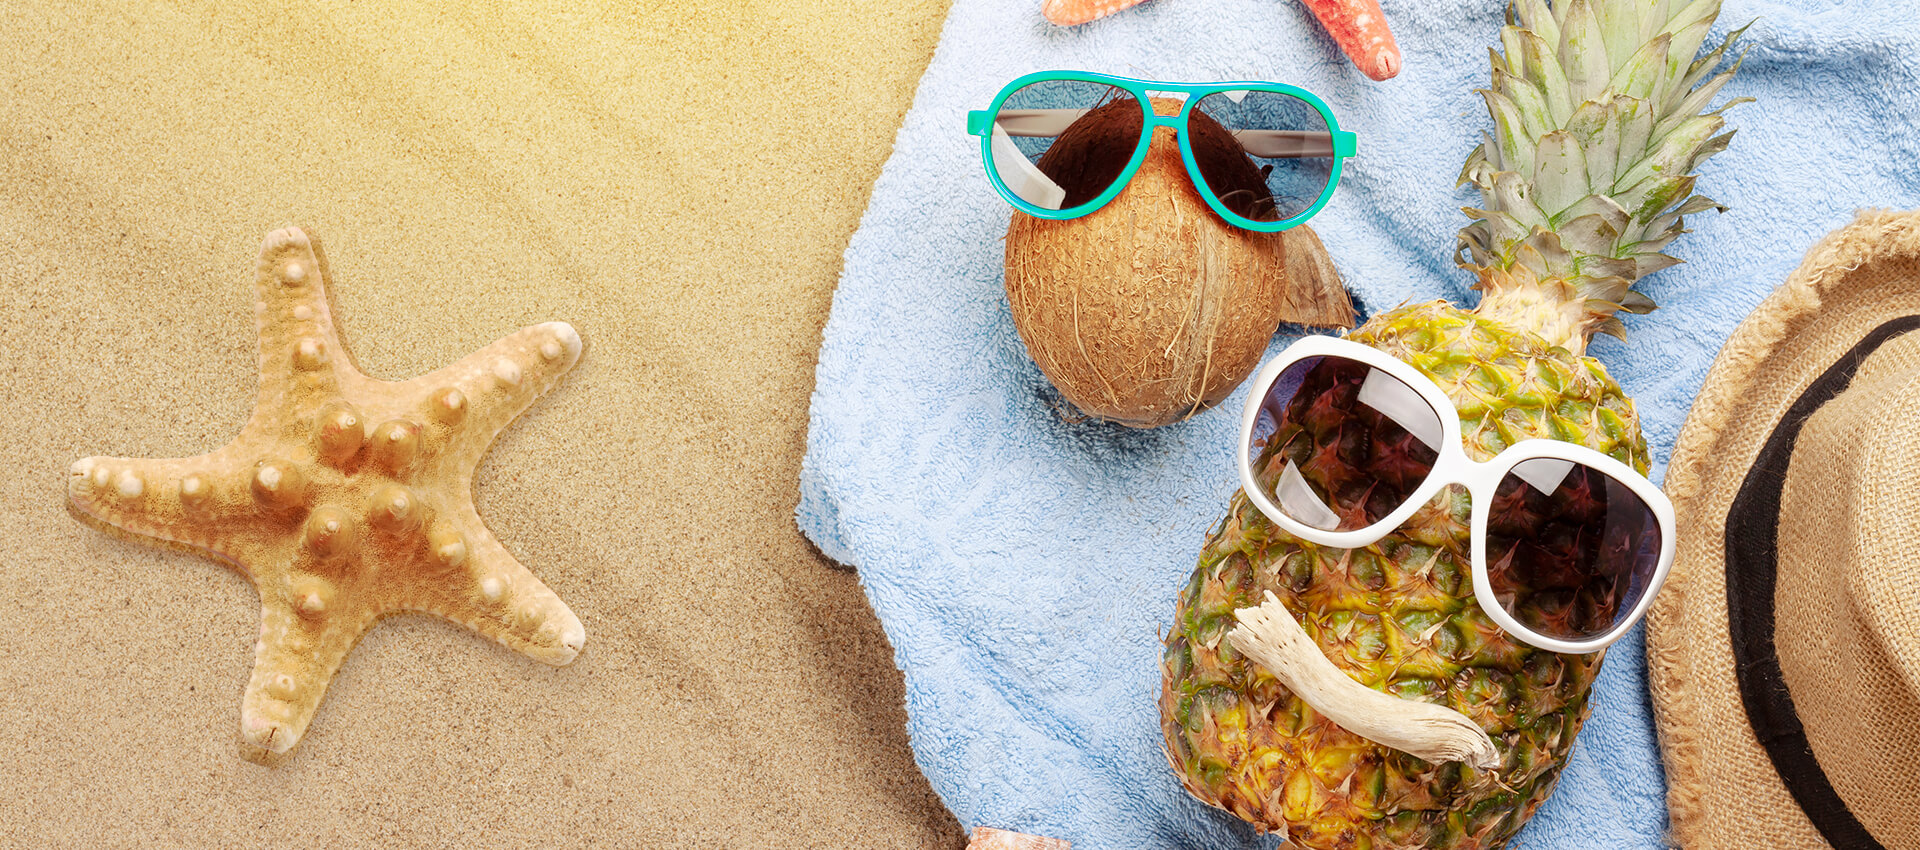 usar las mejores gafas de sol